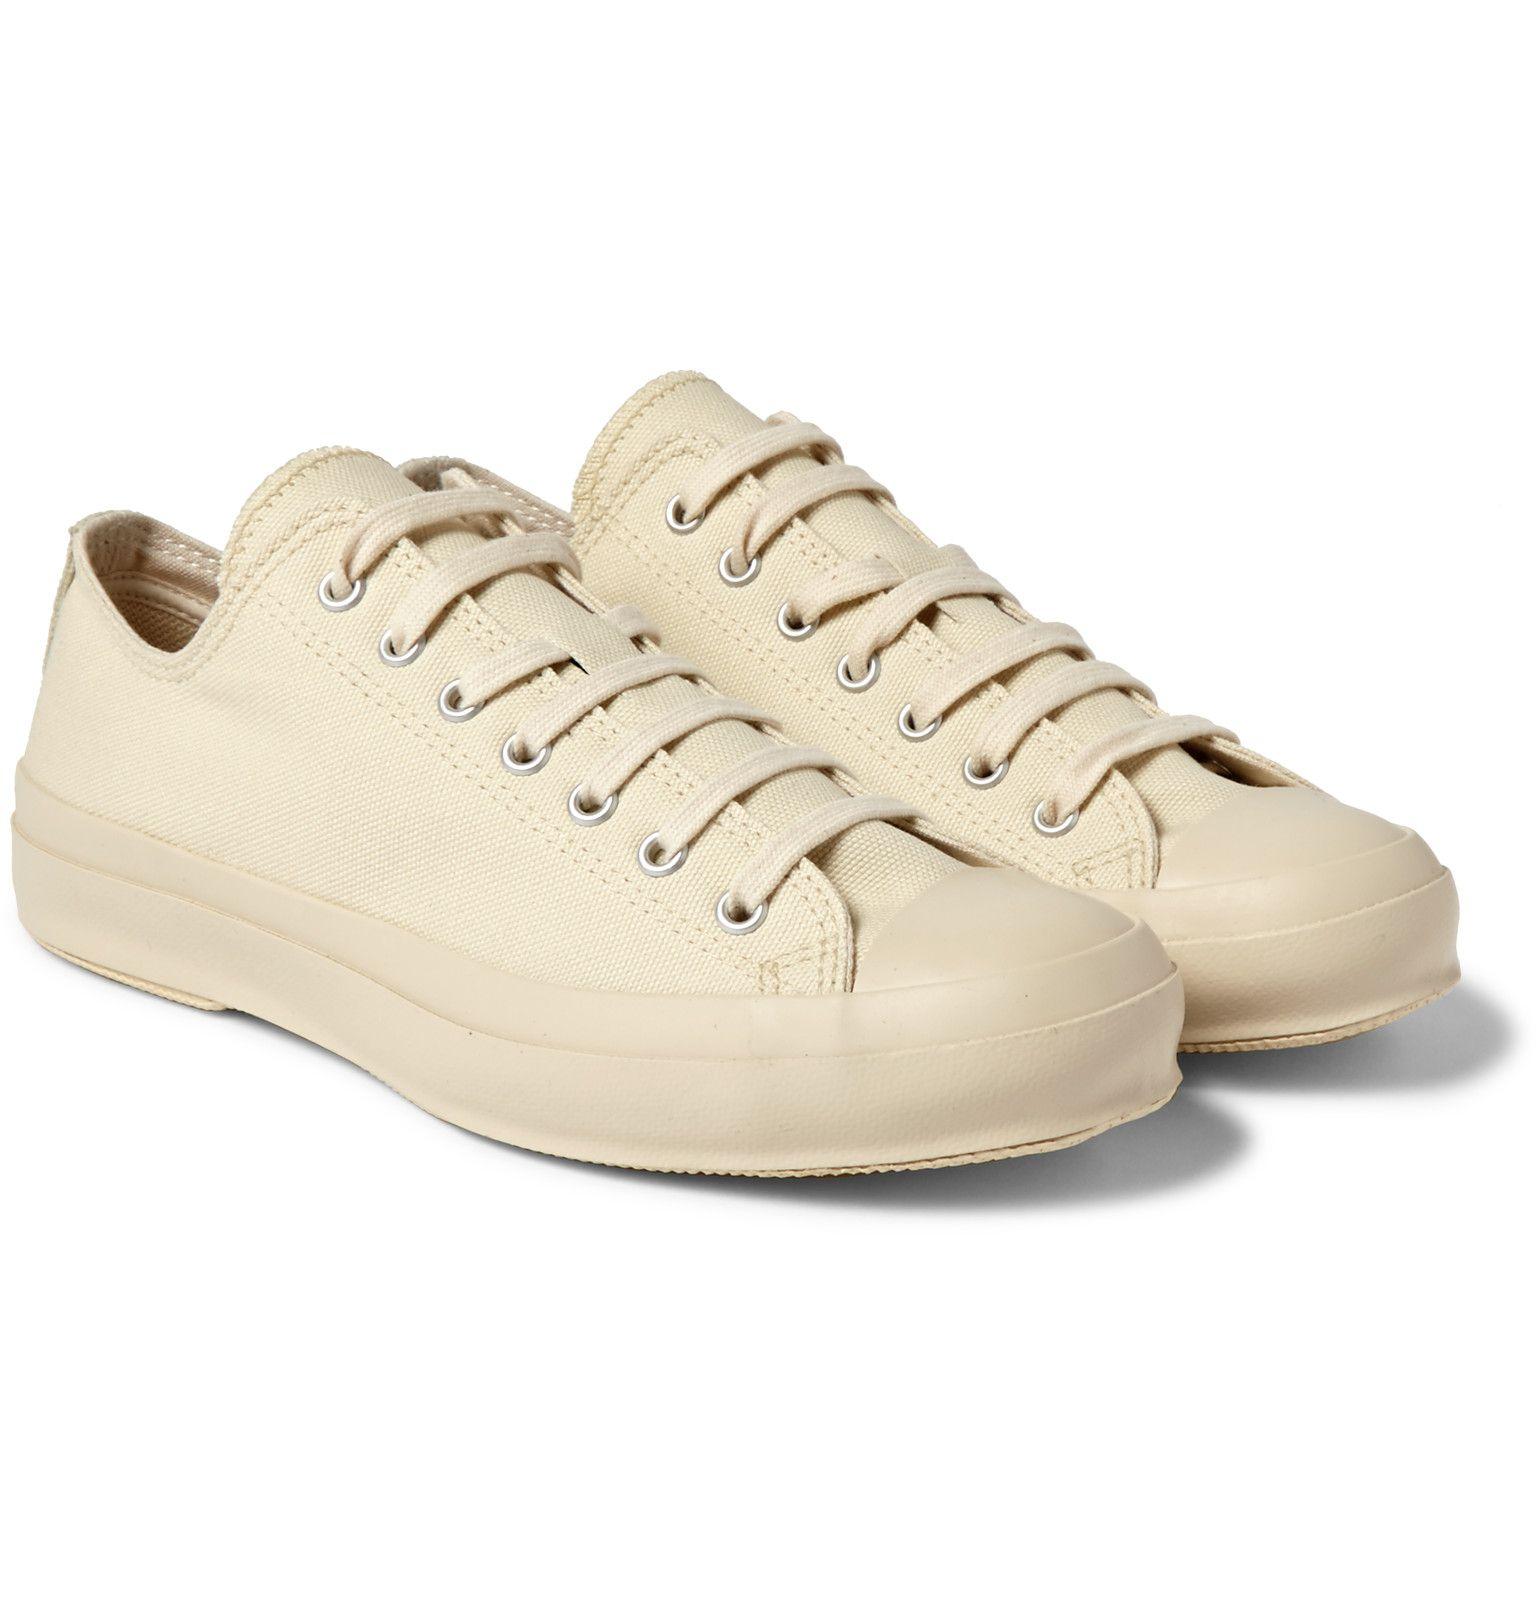 Neil Barrett zapatillas altas Skater - Negro farfetch el-negro Canvas - Sneakers Men Beige selected el-beige Canvas - Sneakers Men Beige selected el-beige Camper sandalias con tira al tobillo con hebilla - Marrón farfetch el-marron aTJySKhvI